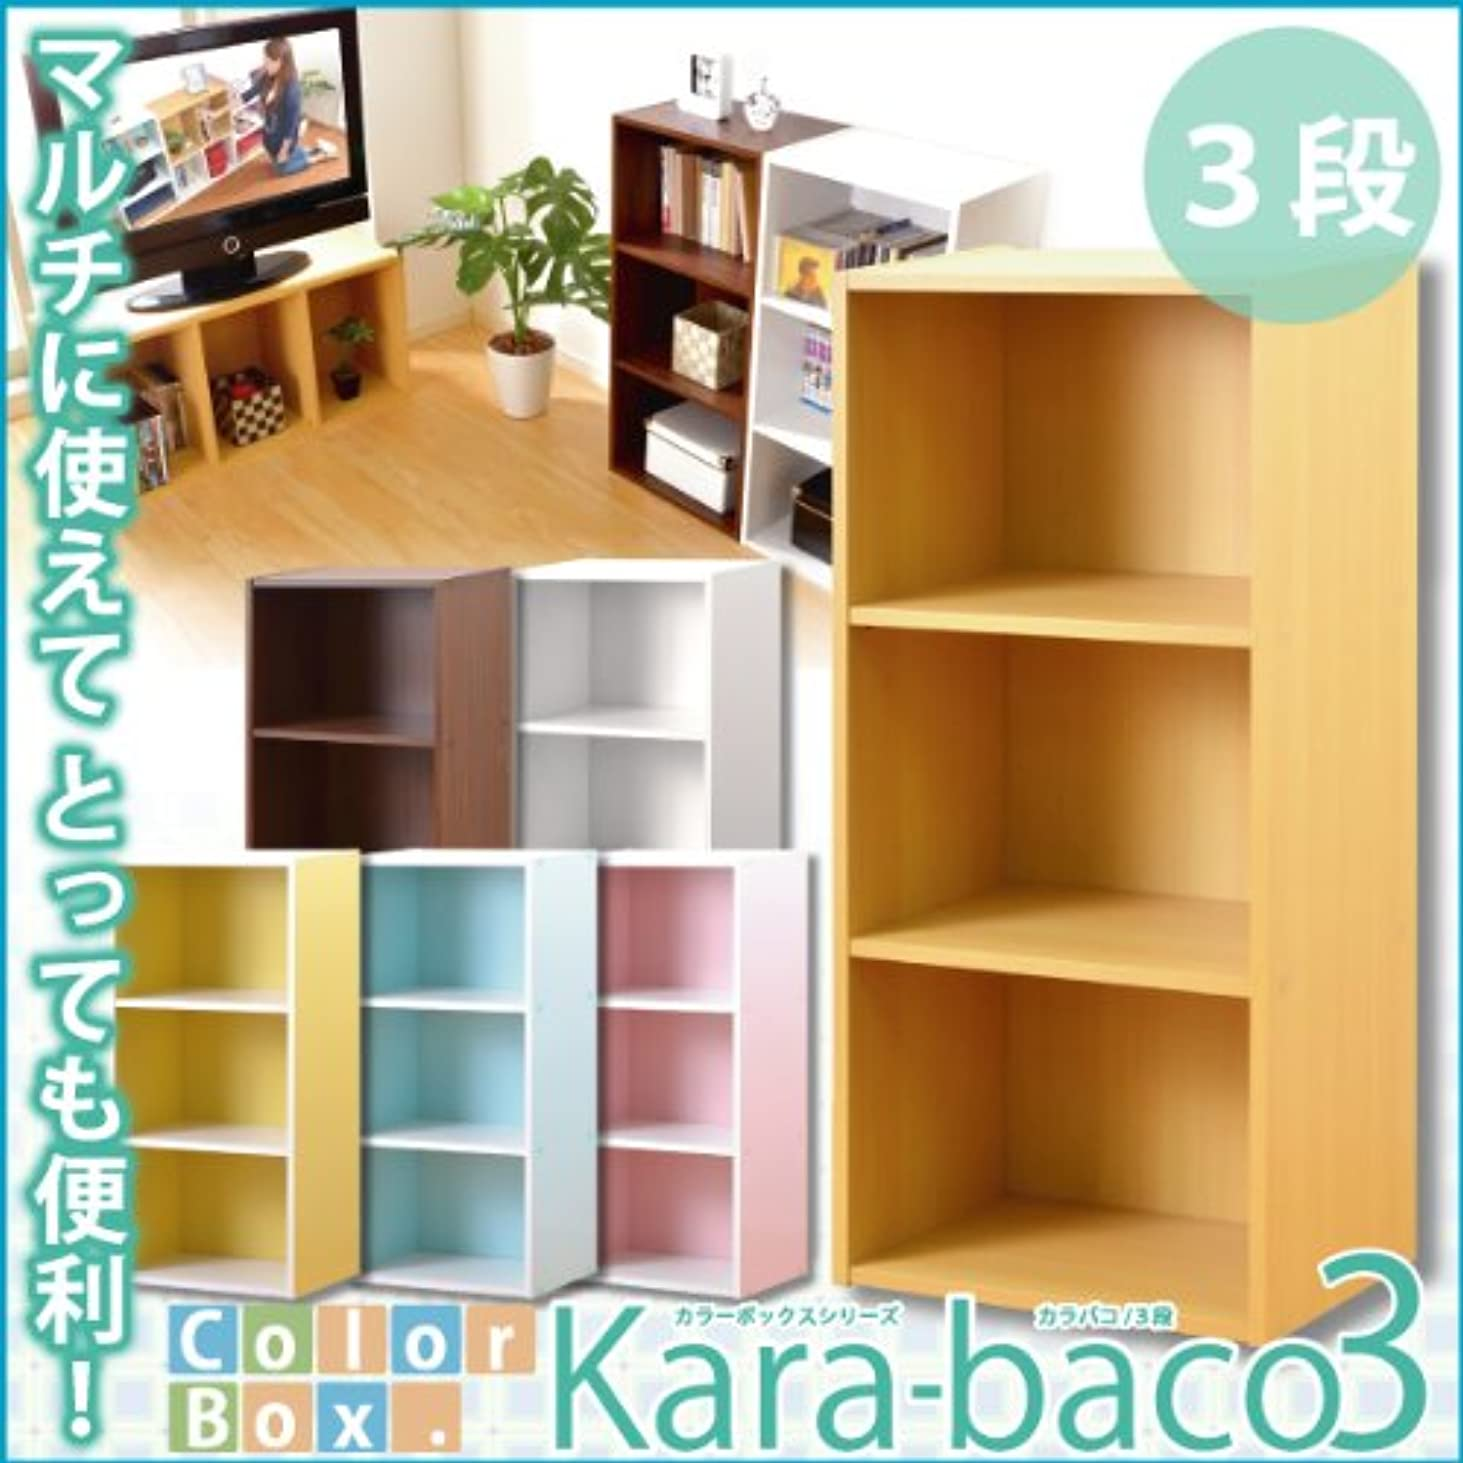 アドバイス理容室アコーカラーボックス 収納ラック 棚 ラック 3段 カラー:イエロー